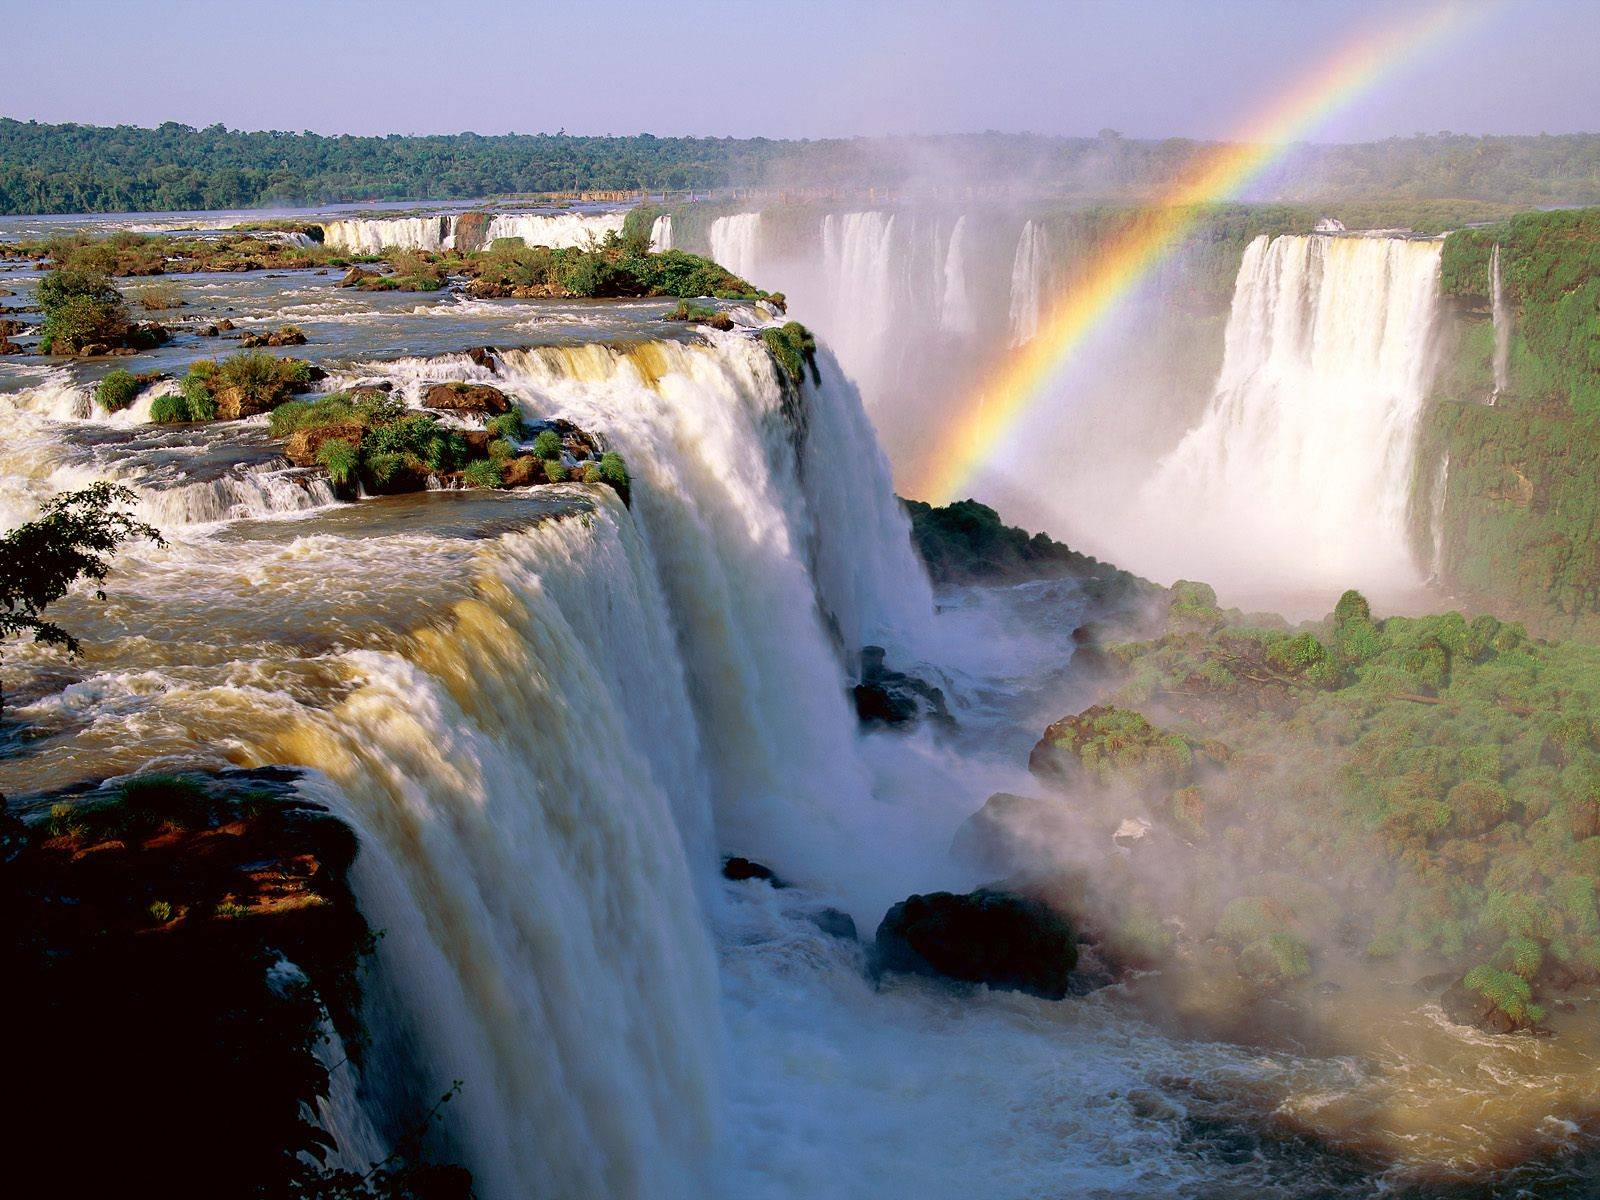 น้ำตกอีกวาซู (Iguazu Fall) - Once in World Wide